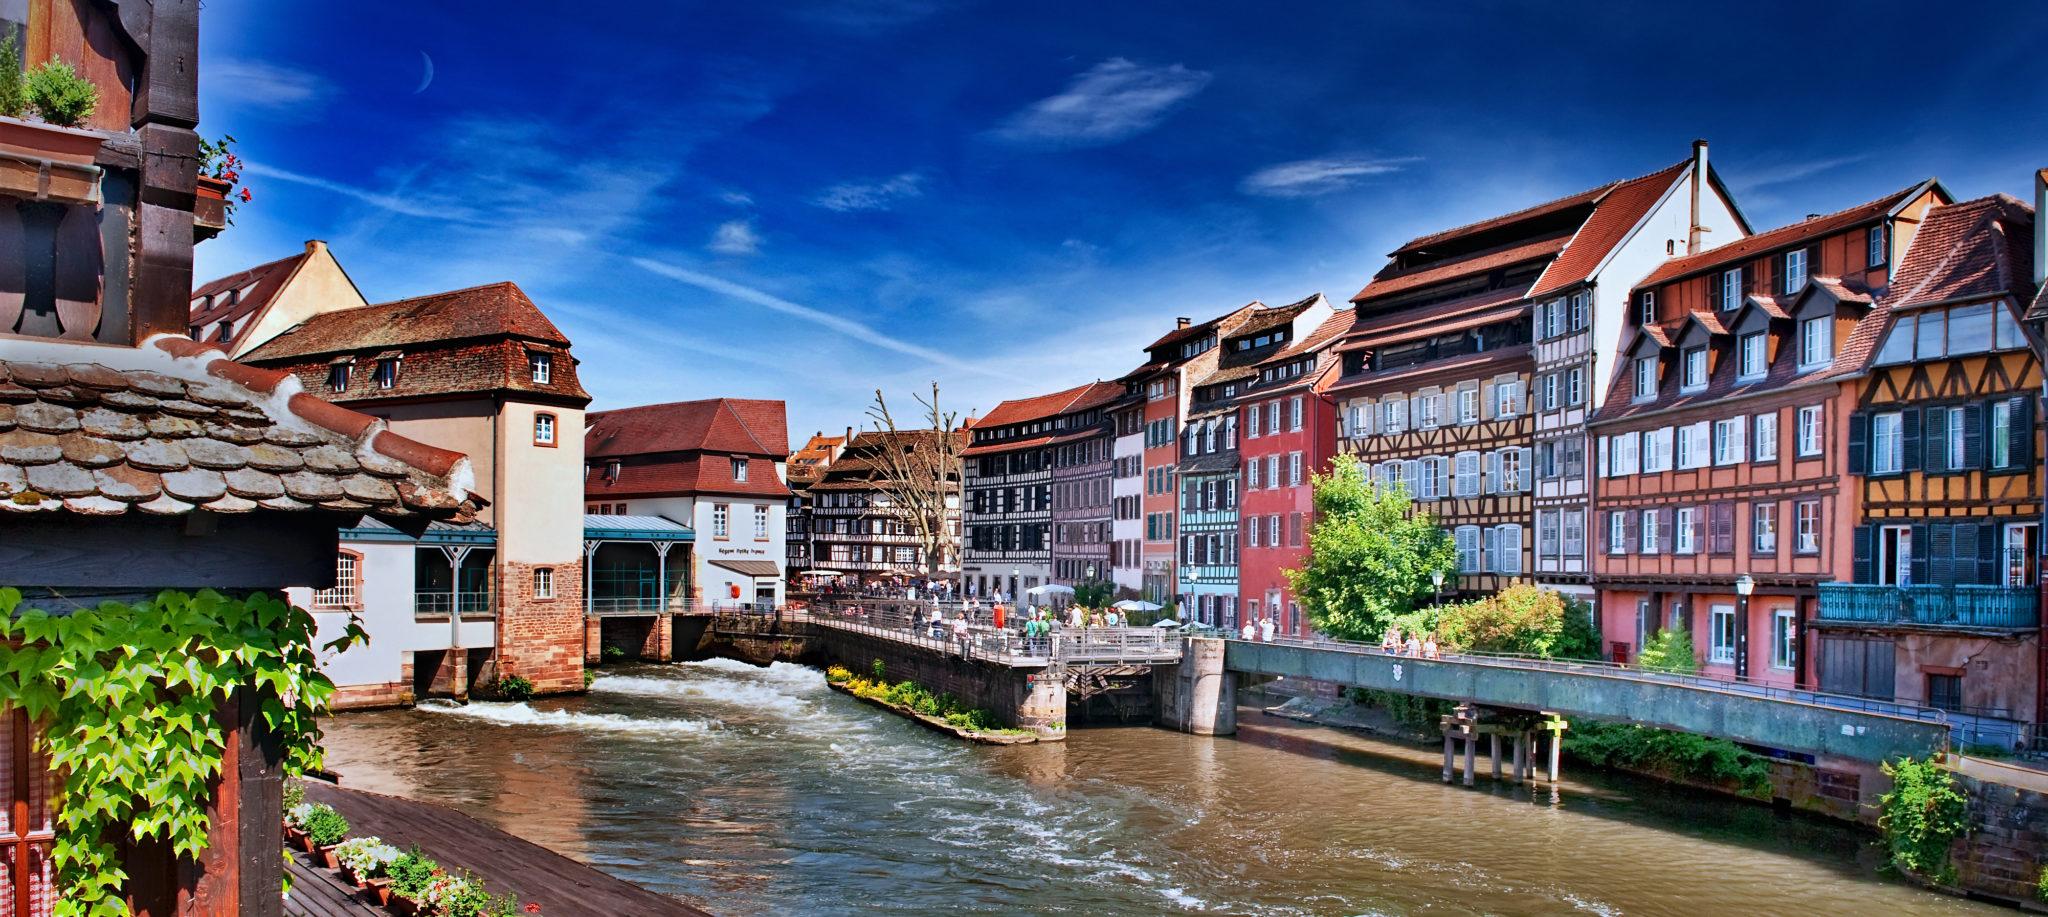 Blick auf das Viertel Petite France in Straßburg